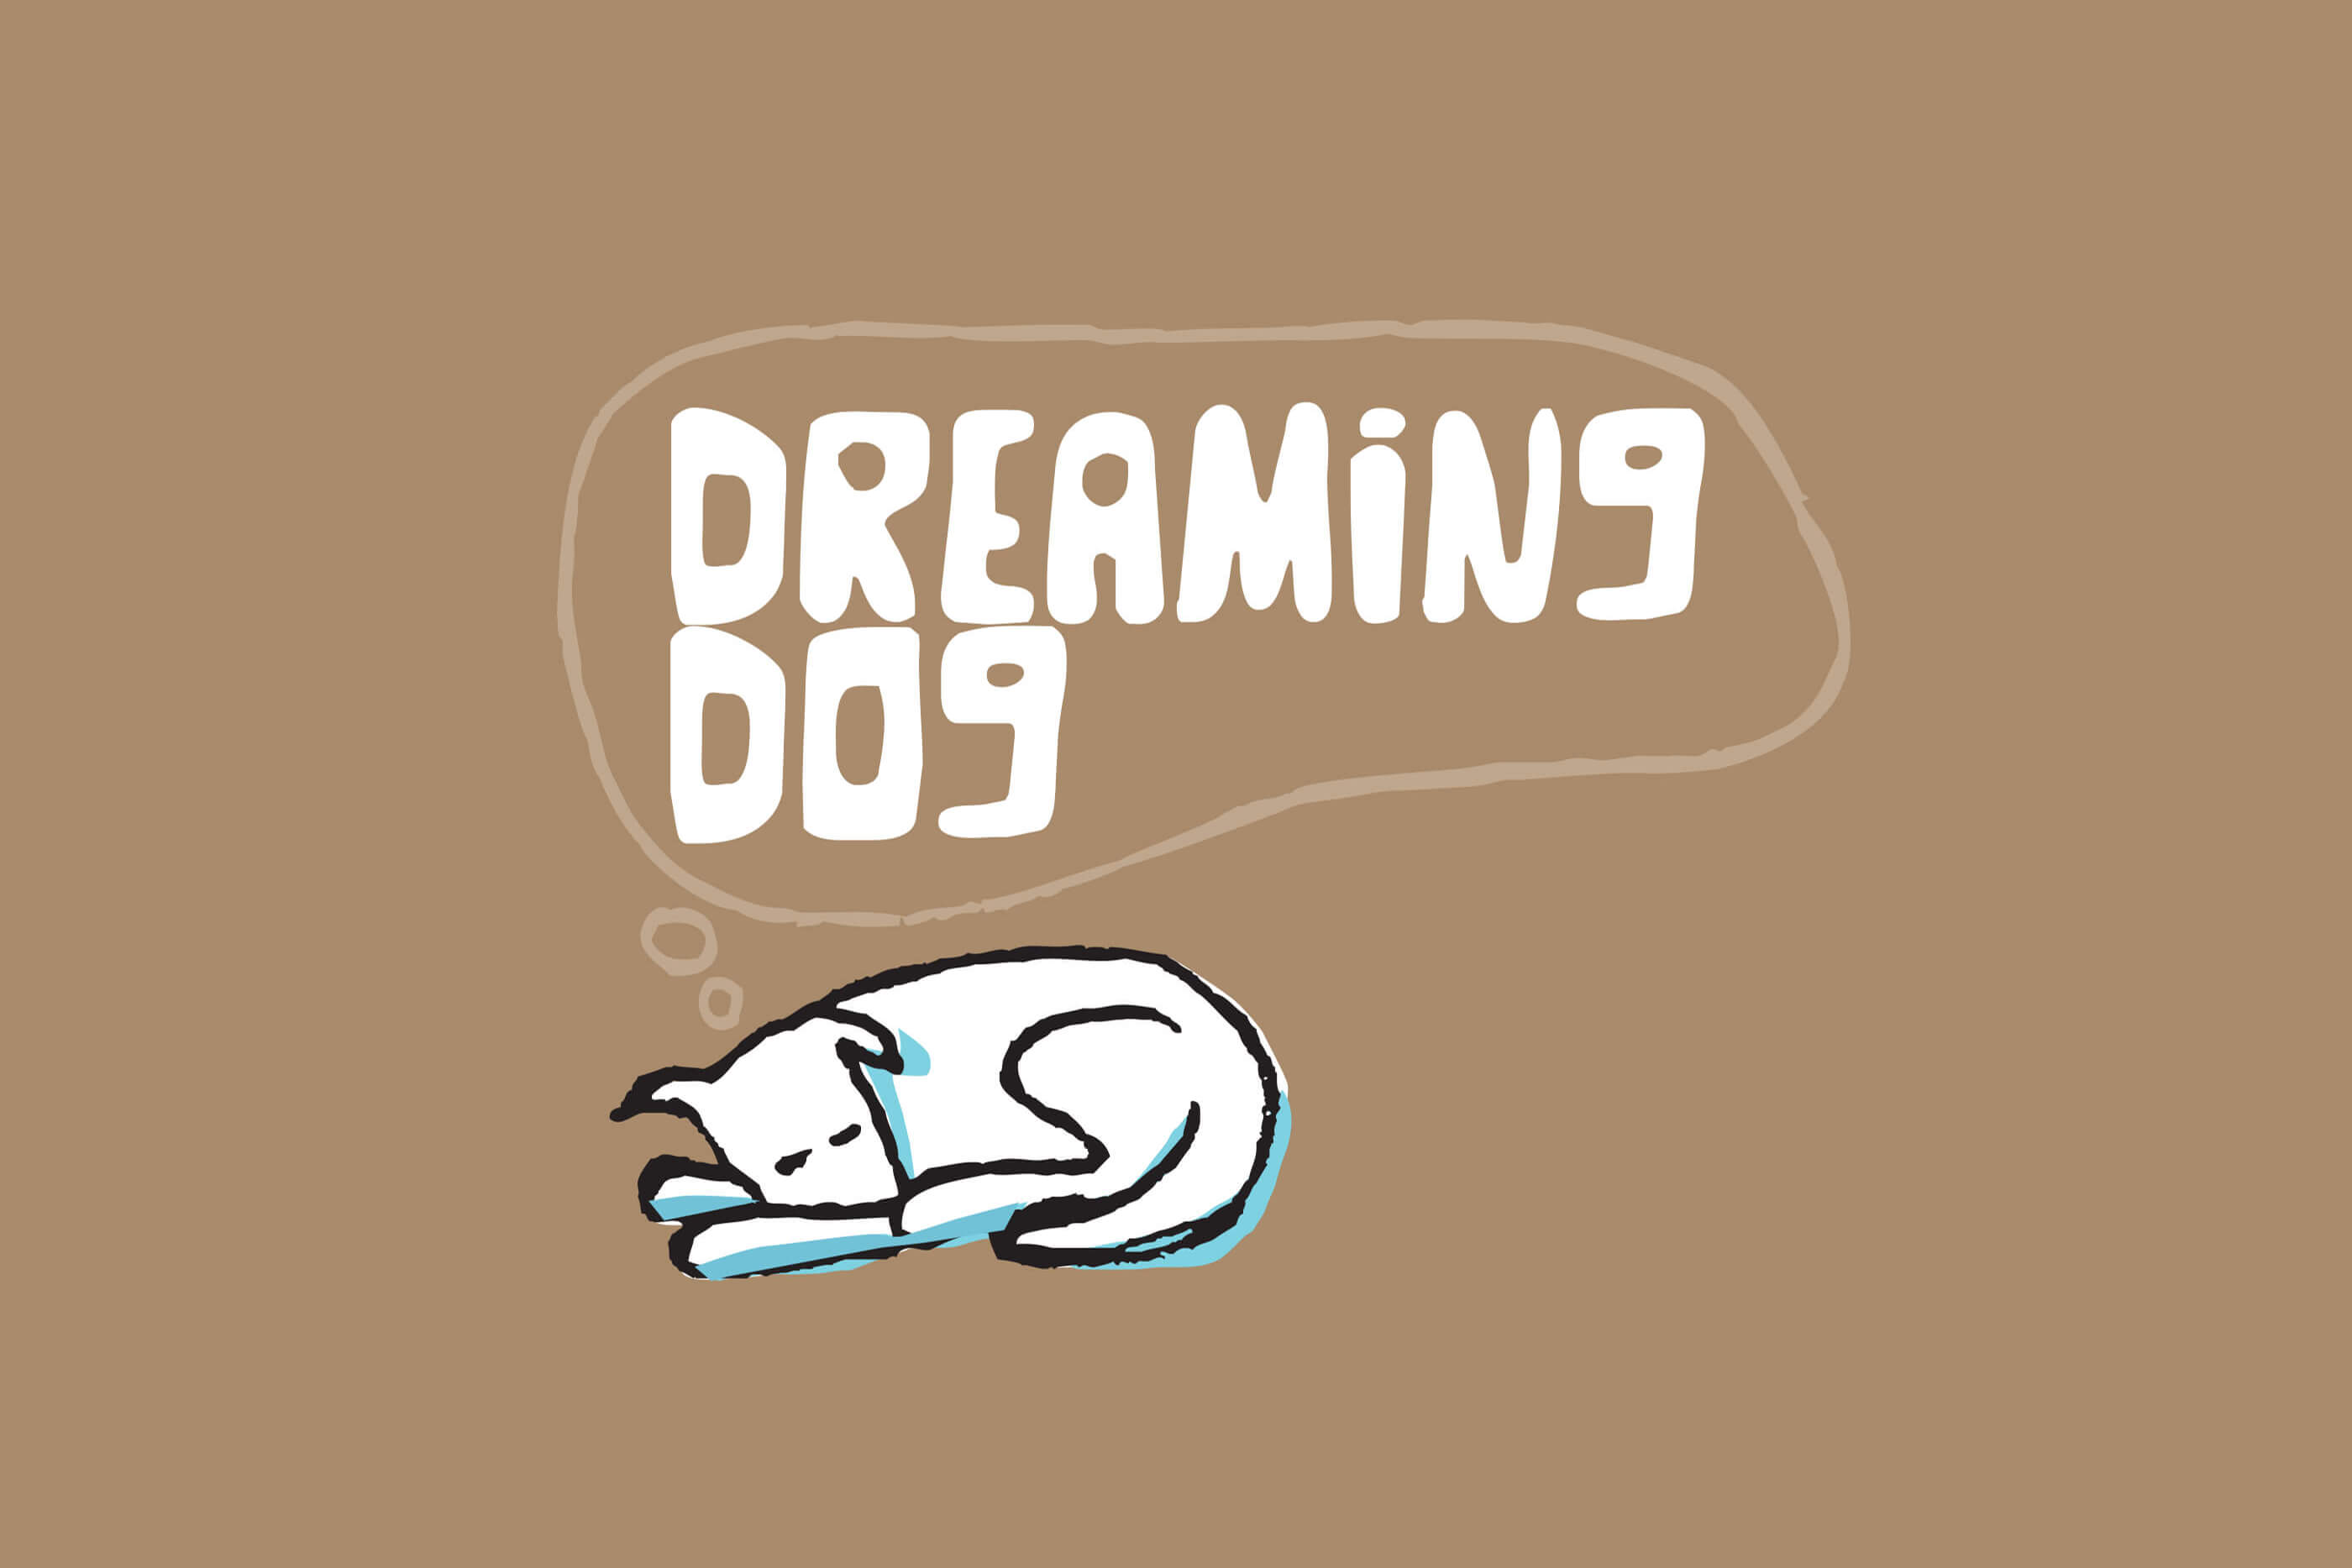 dreaming_dog_brandmark